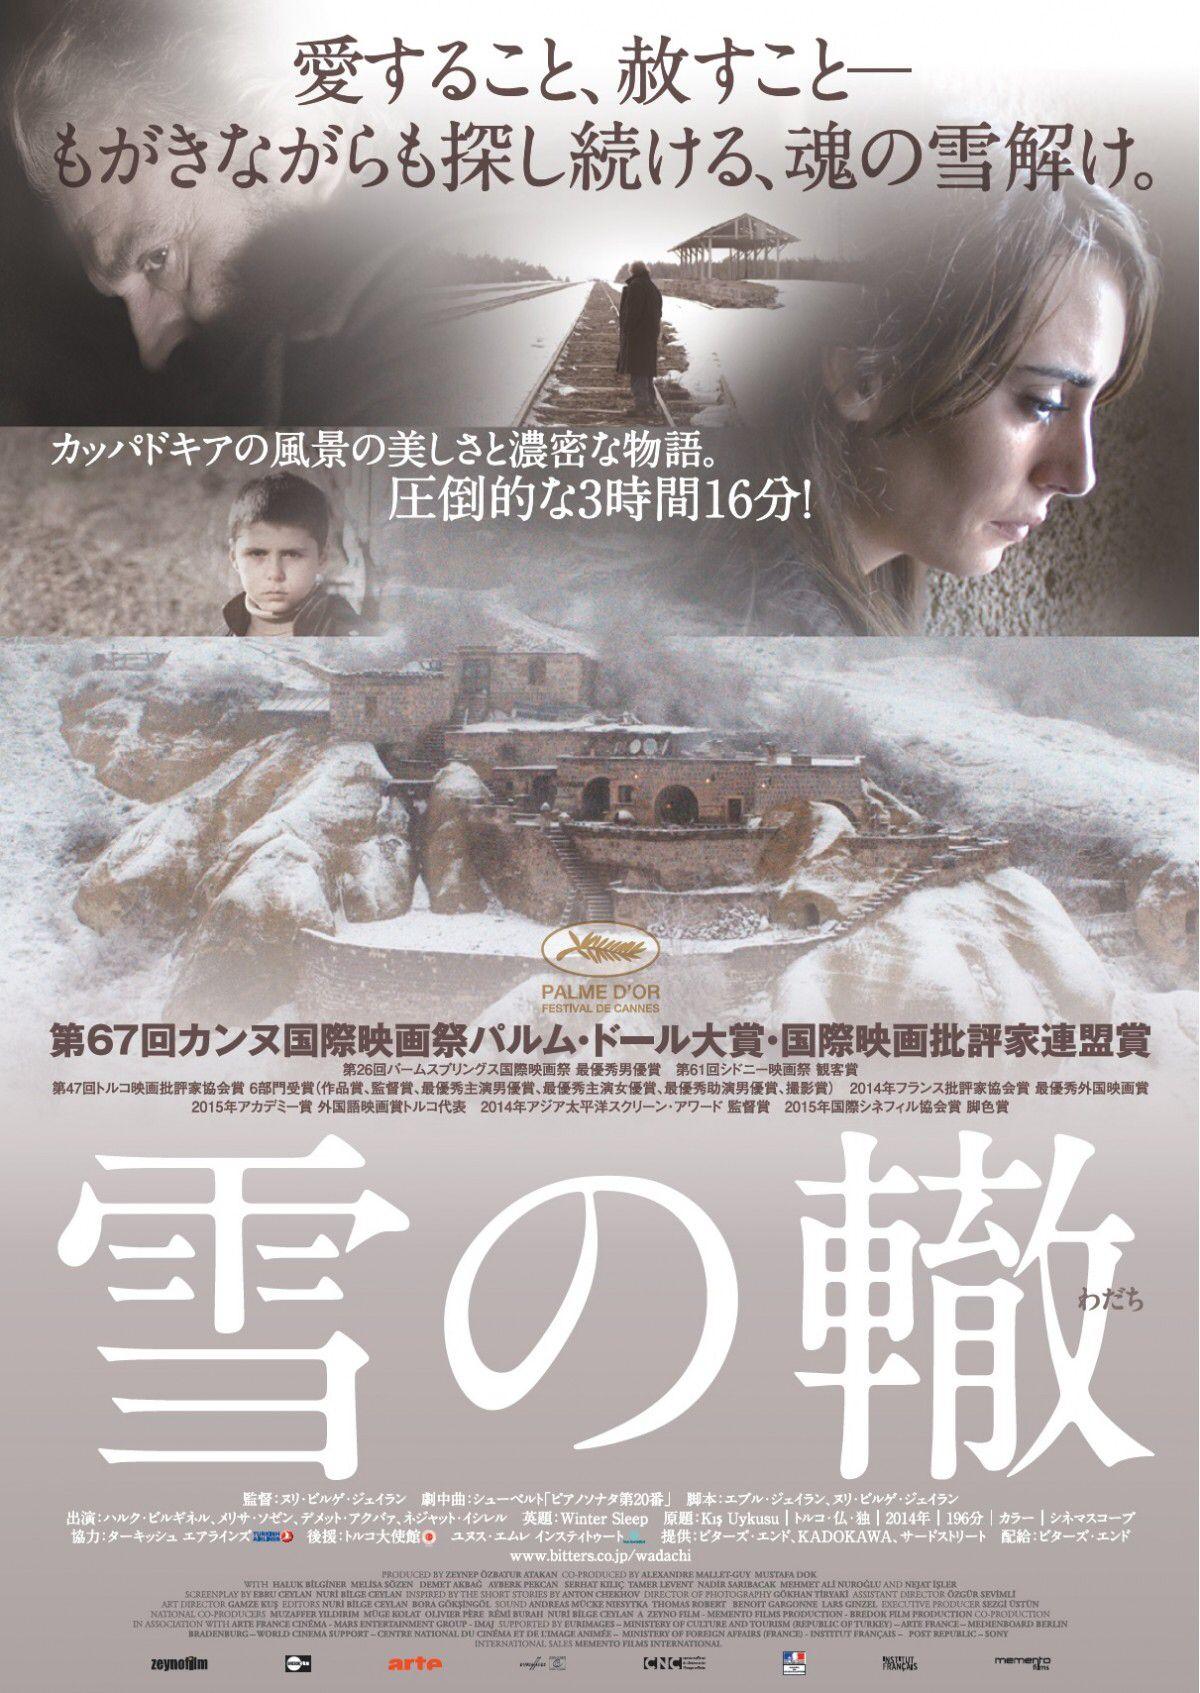 Kis Uykusu 雪の轍